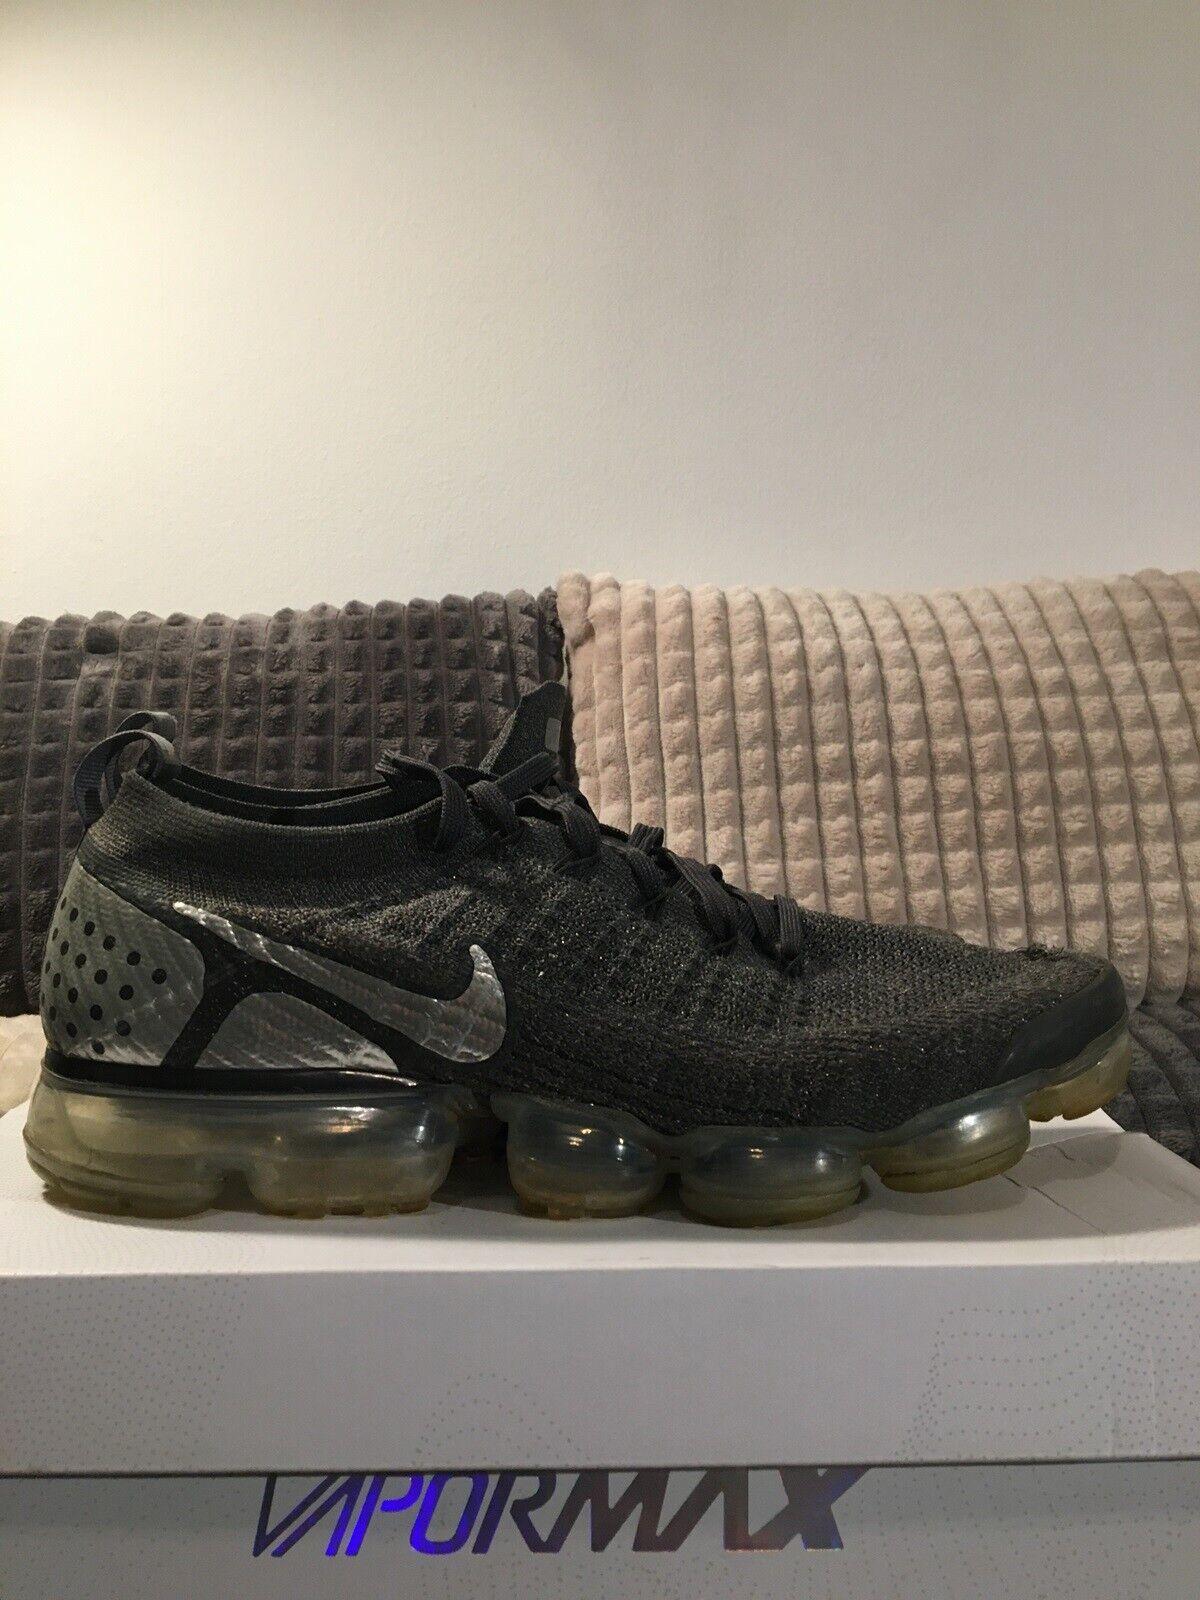 Sneakers, str. 45, Nike